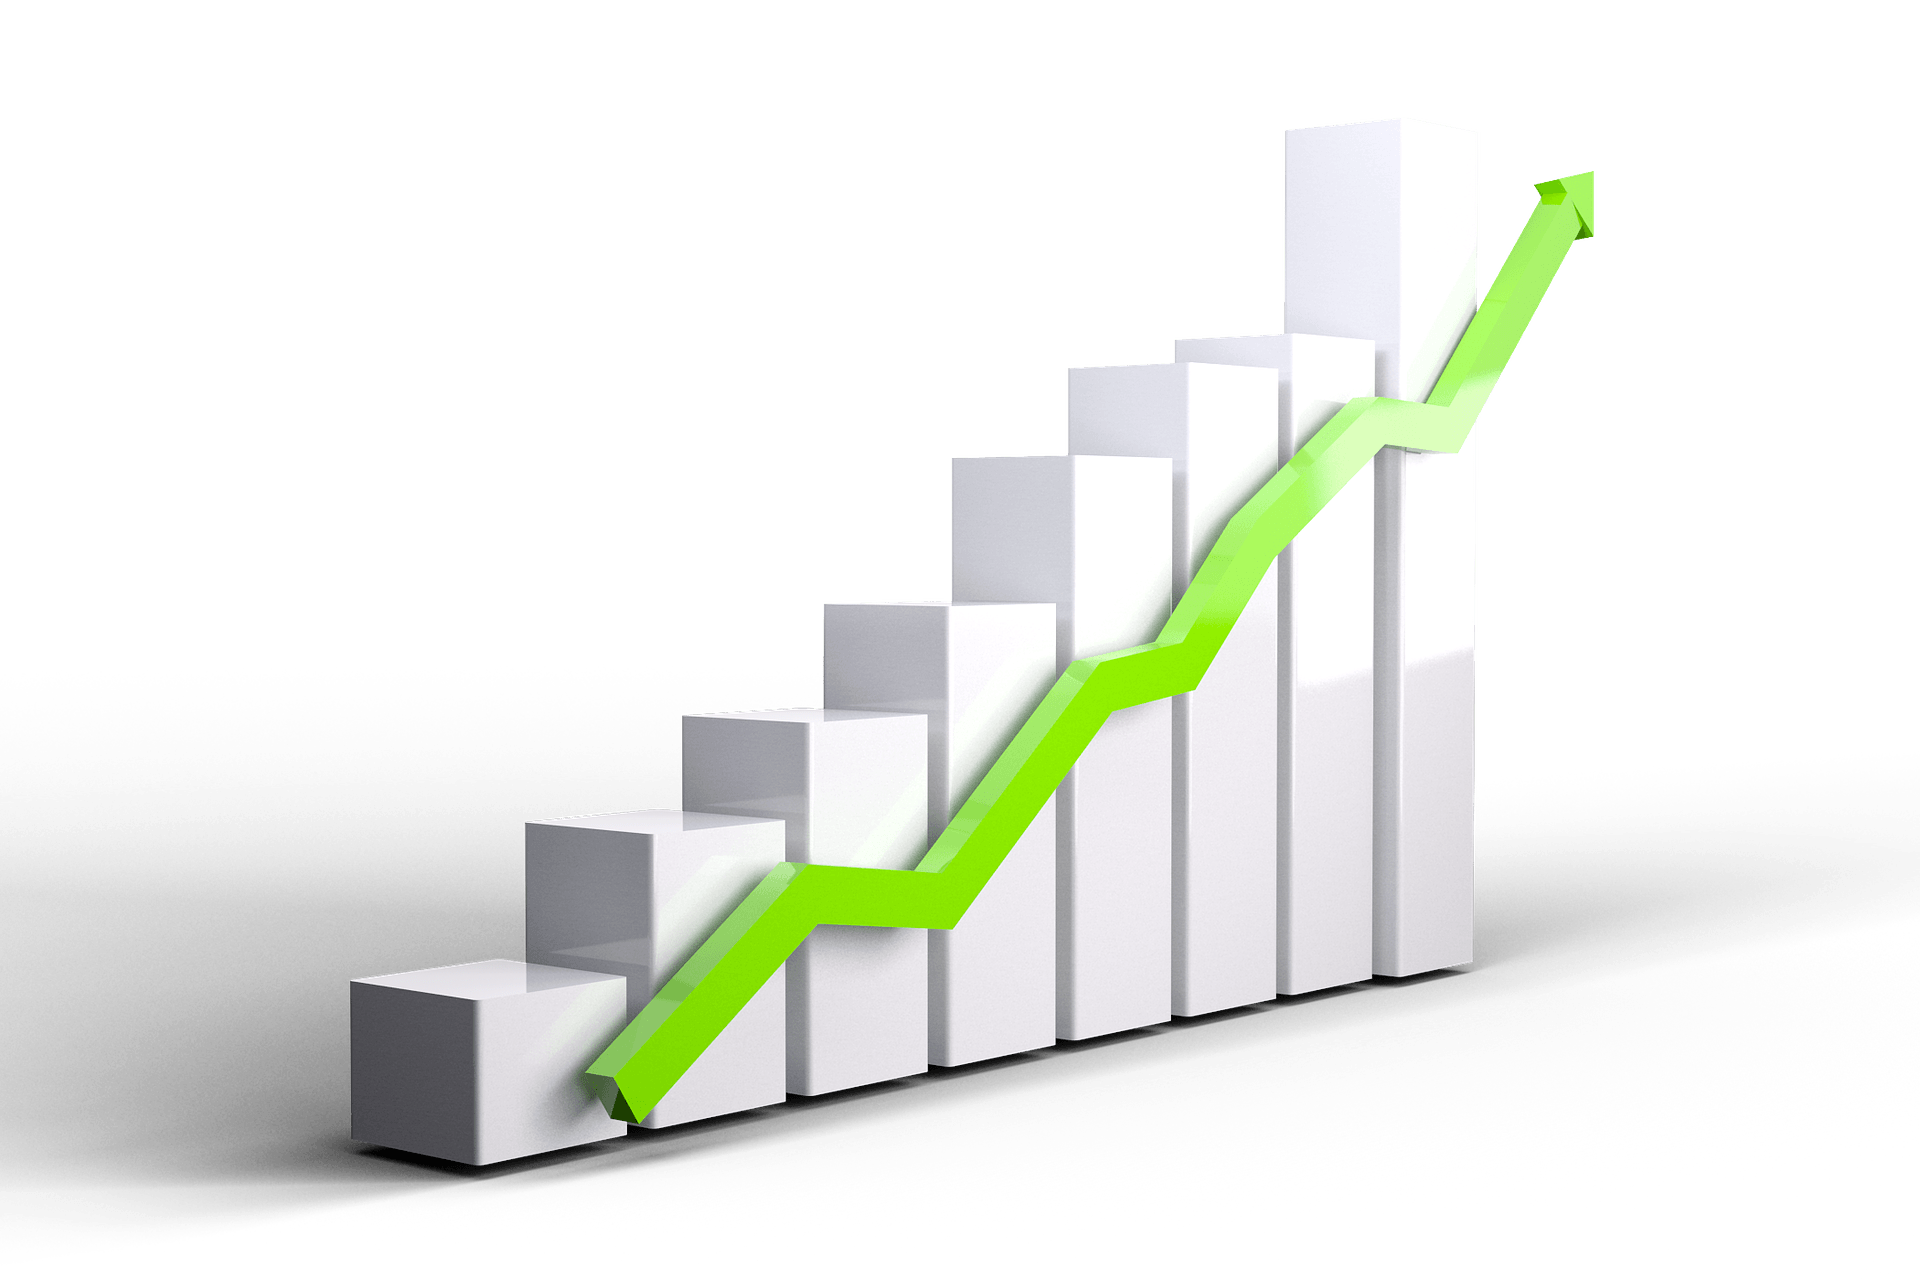 wzrost inwestycji spadek bezrobocia